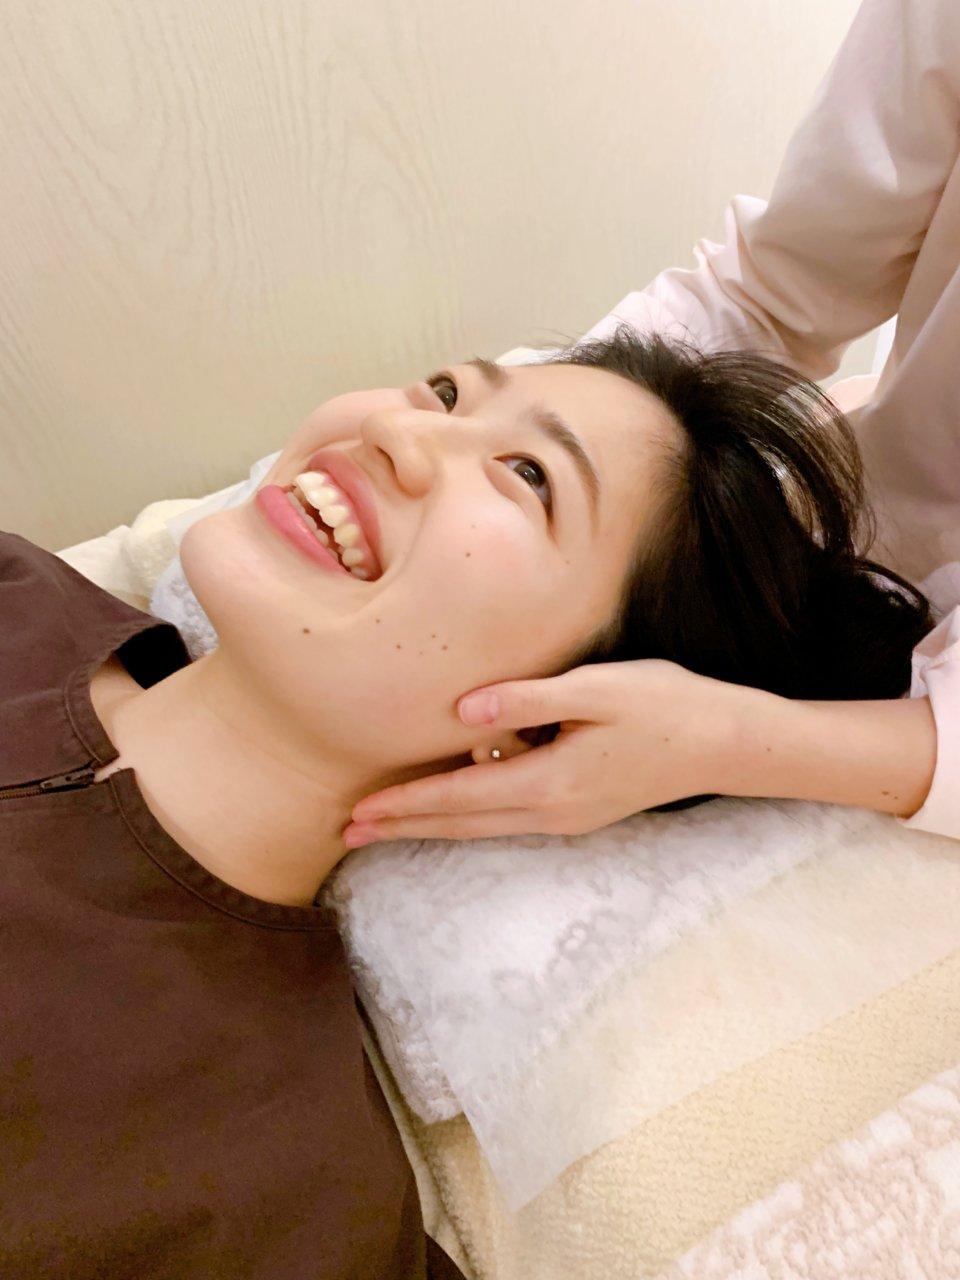 小顔になりたい!を叶える美容鍼灸の画像